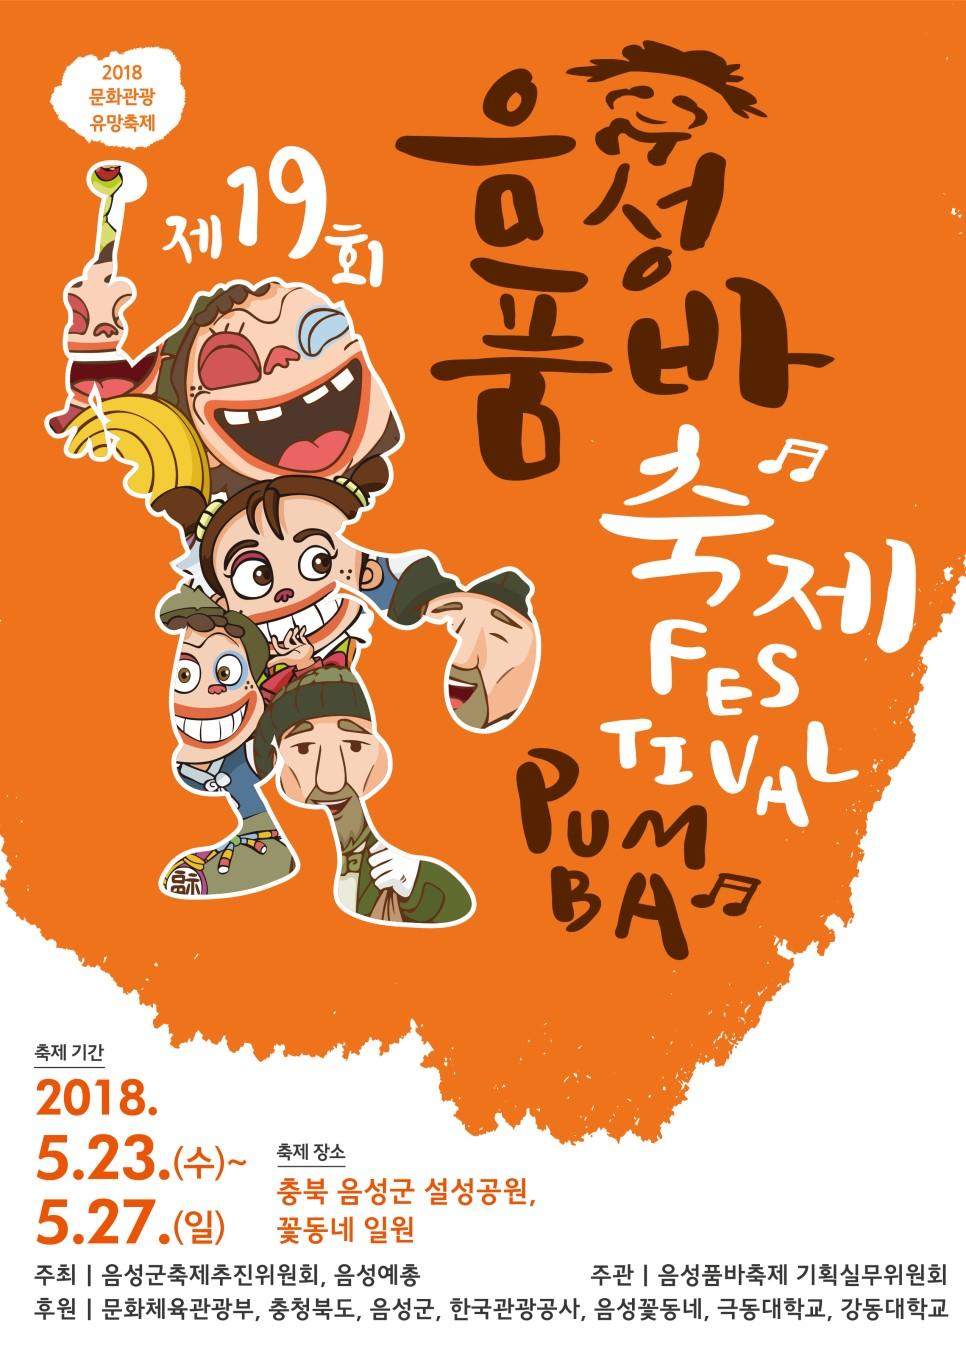 음성 품바축제 2018